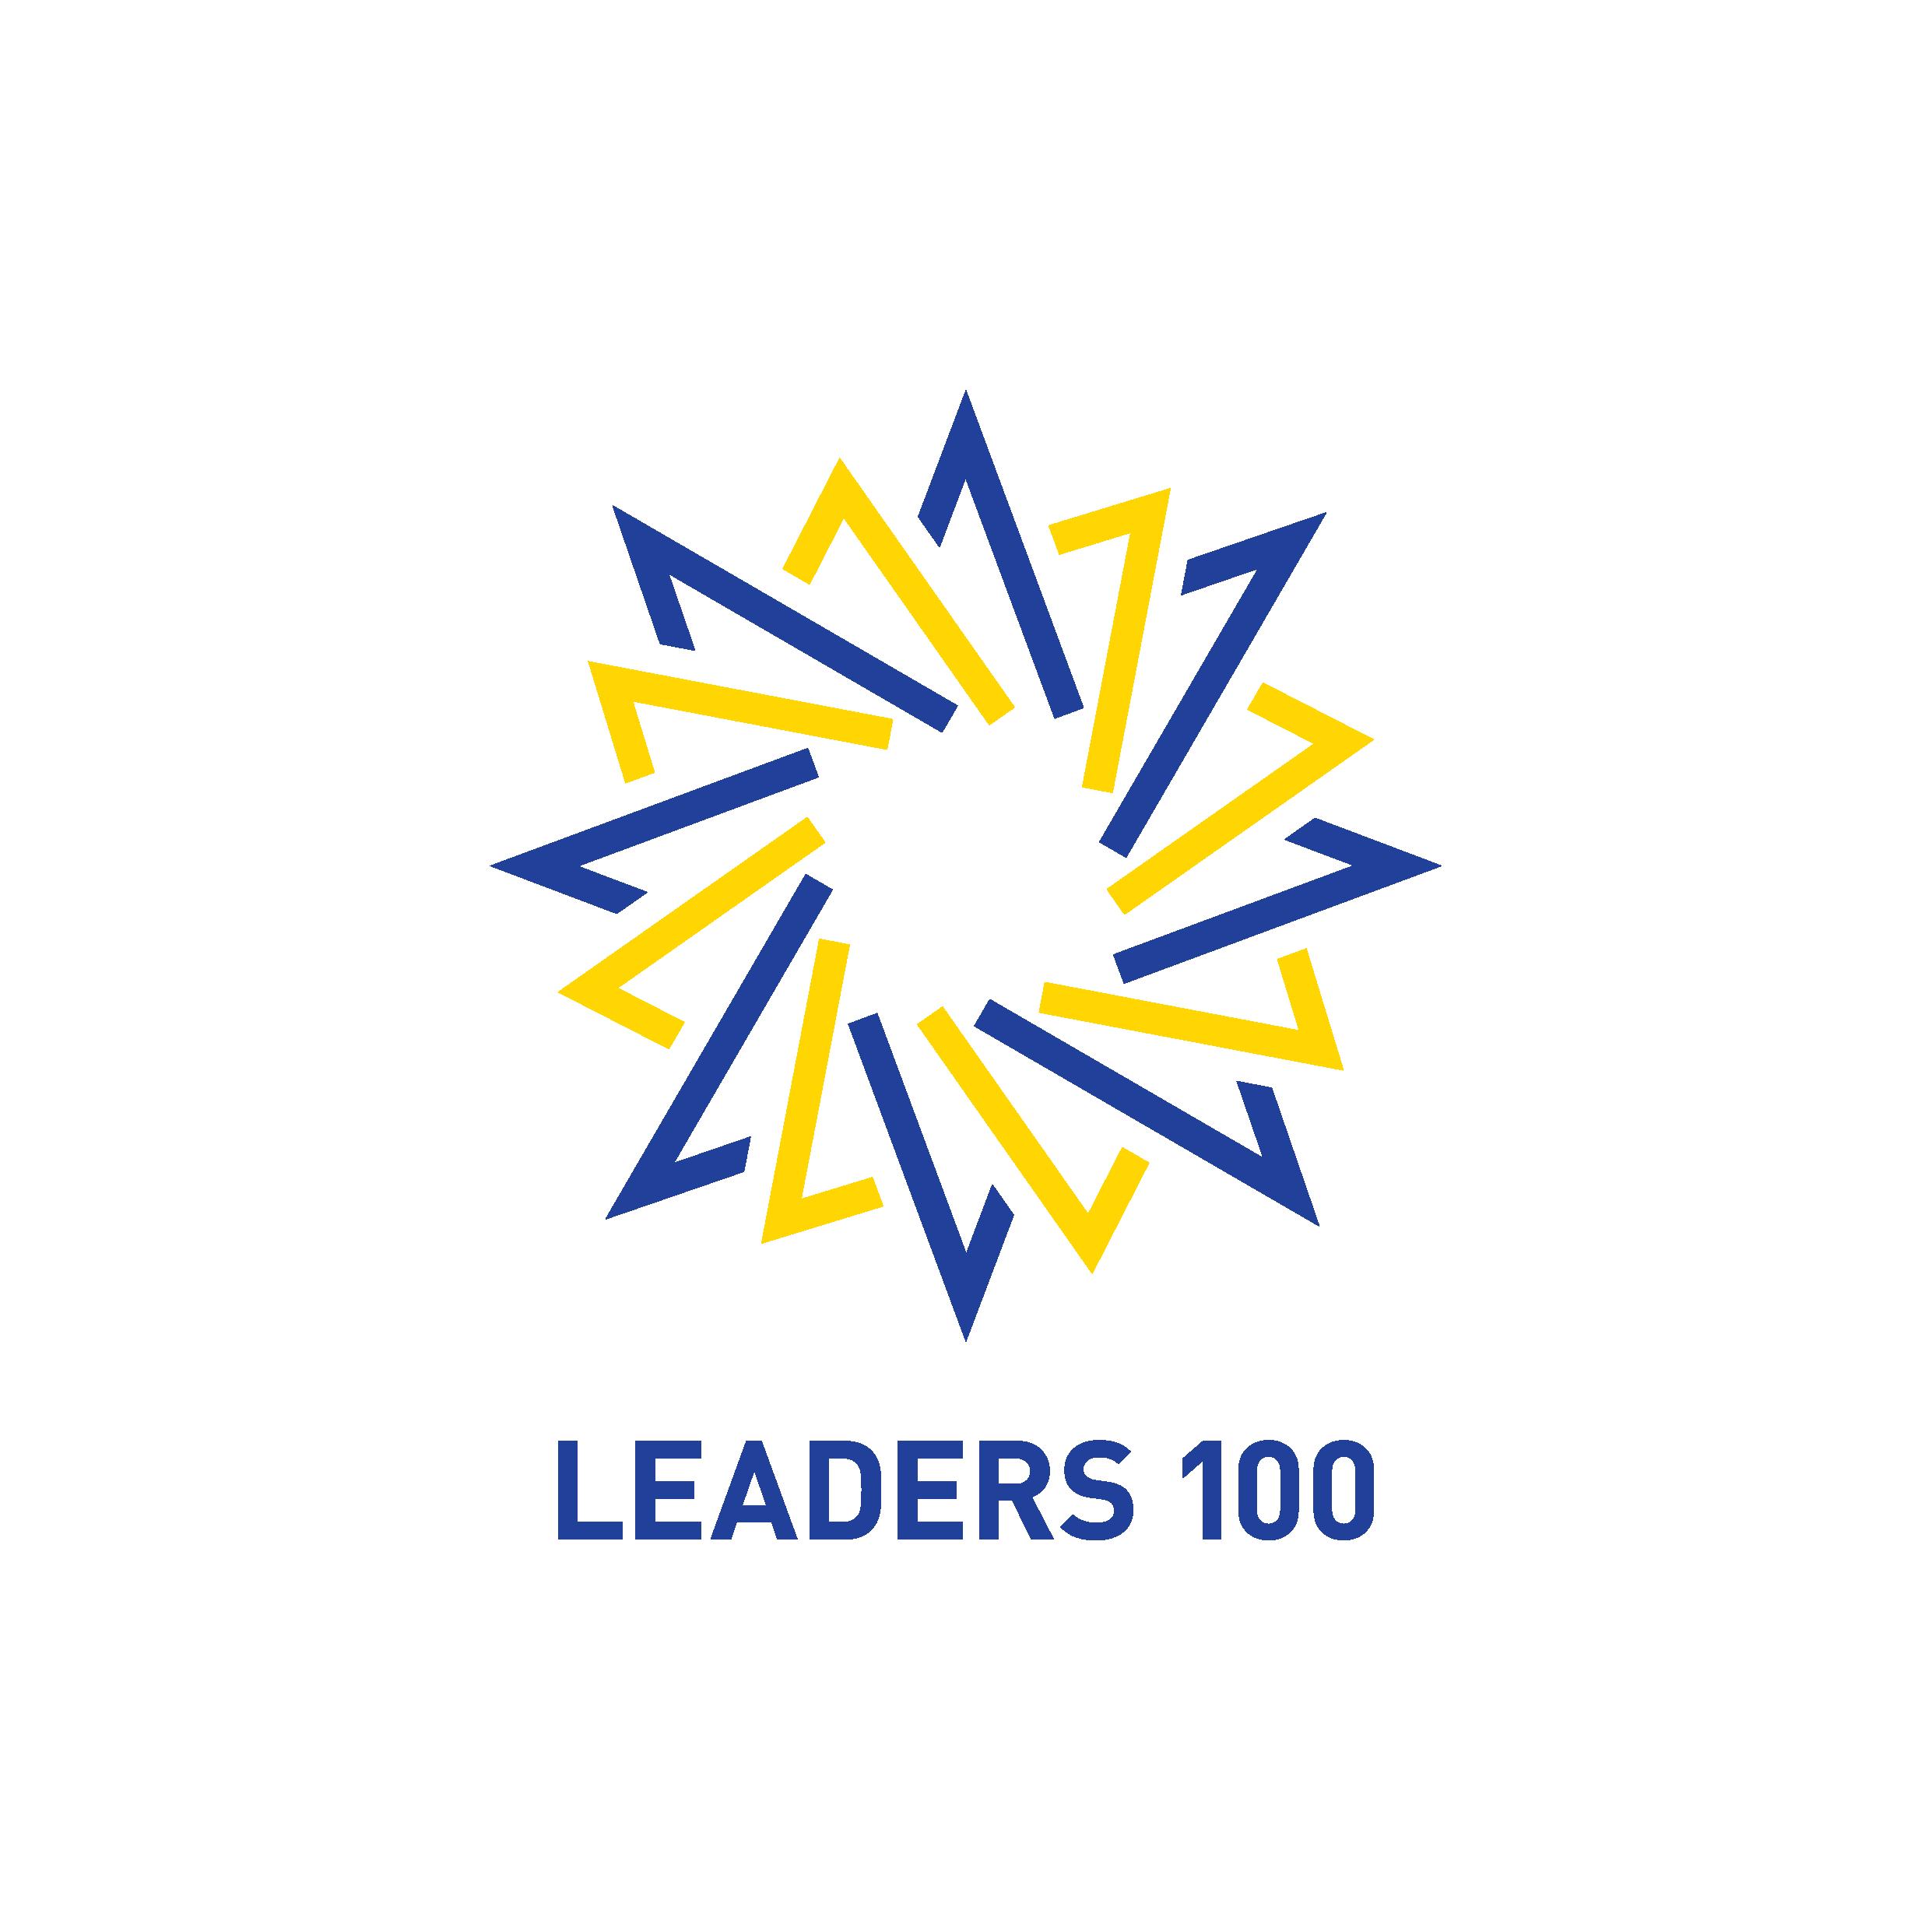 華人領袖 100 Logo